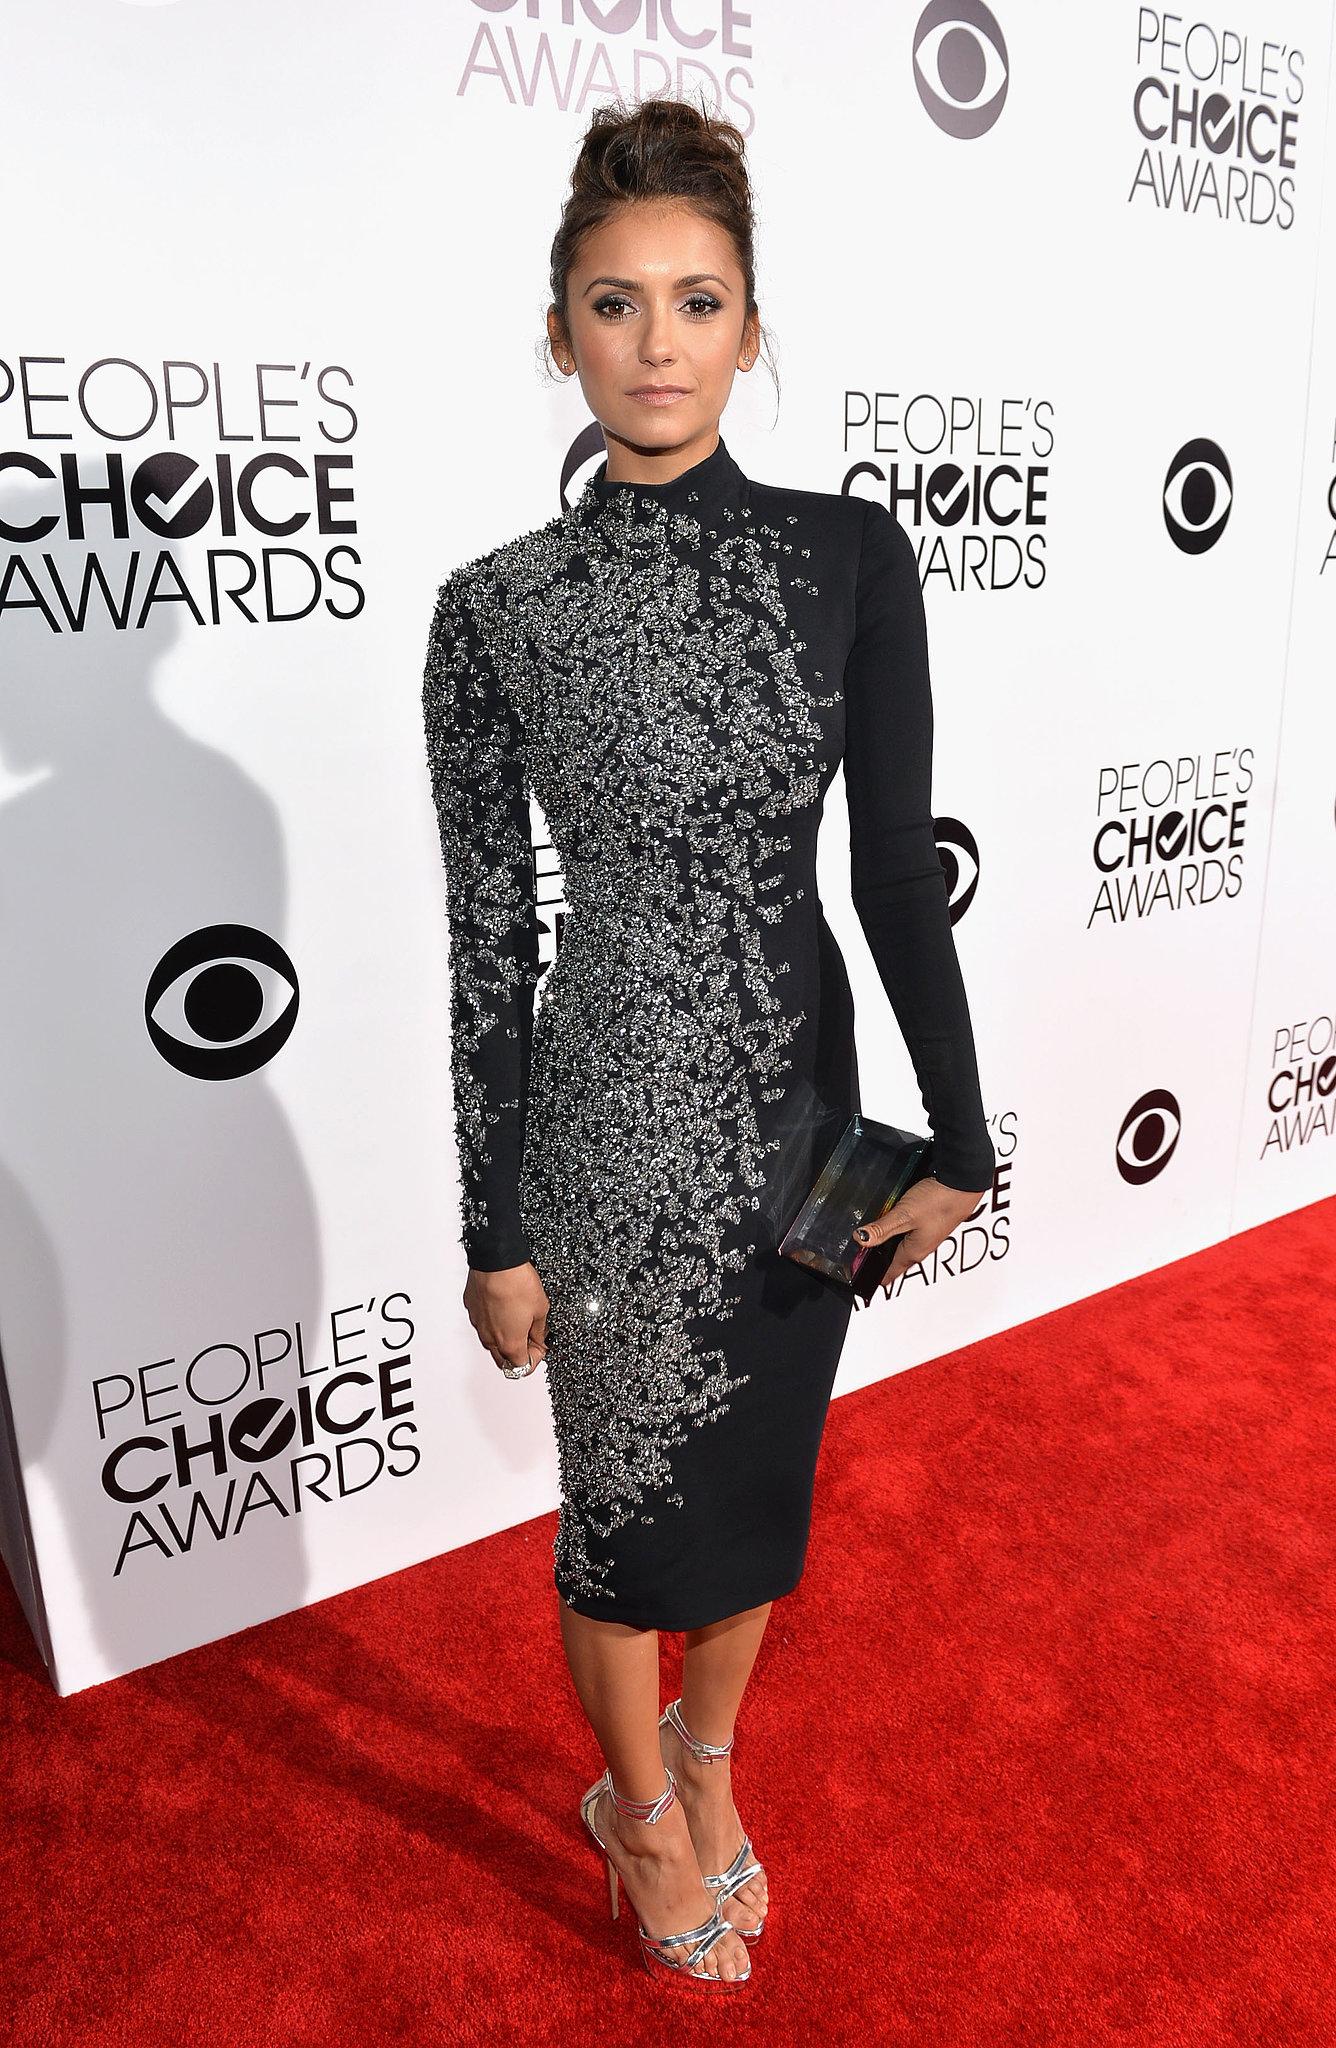 Nina Dobrev looked super hot at the People's Choice Awards.